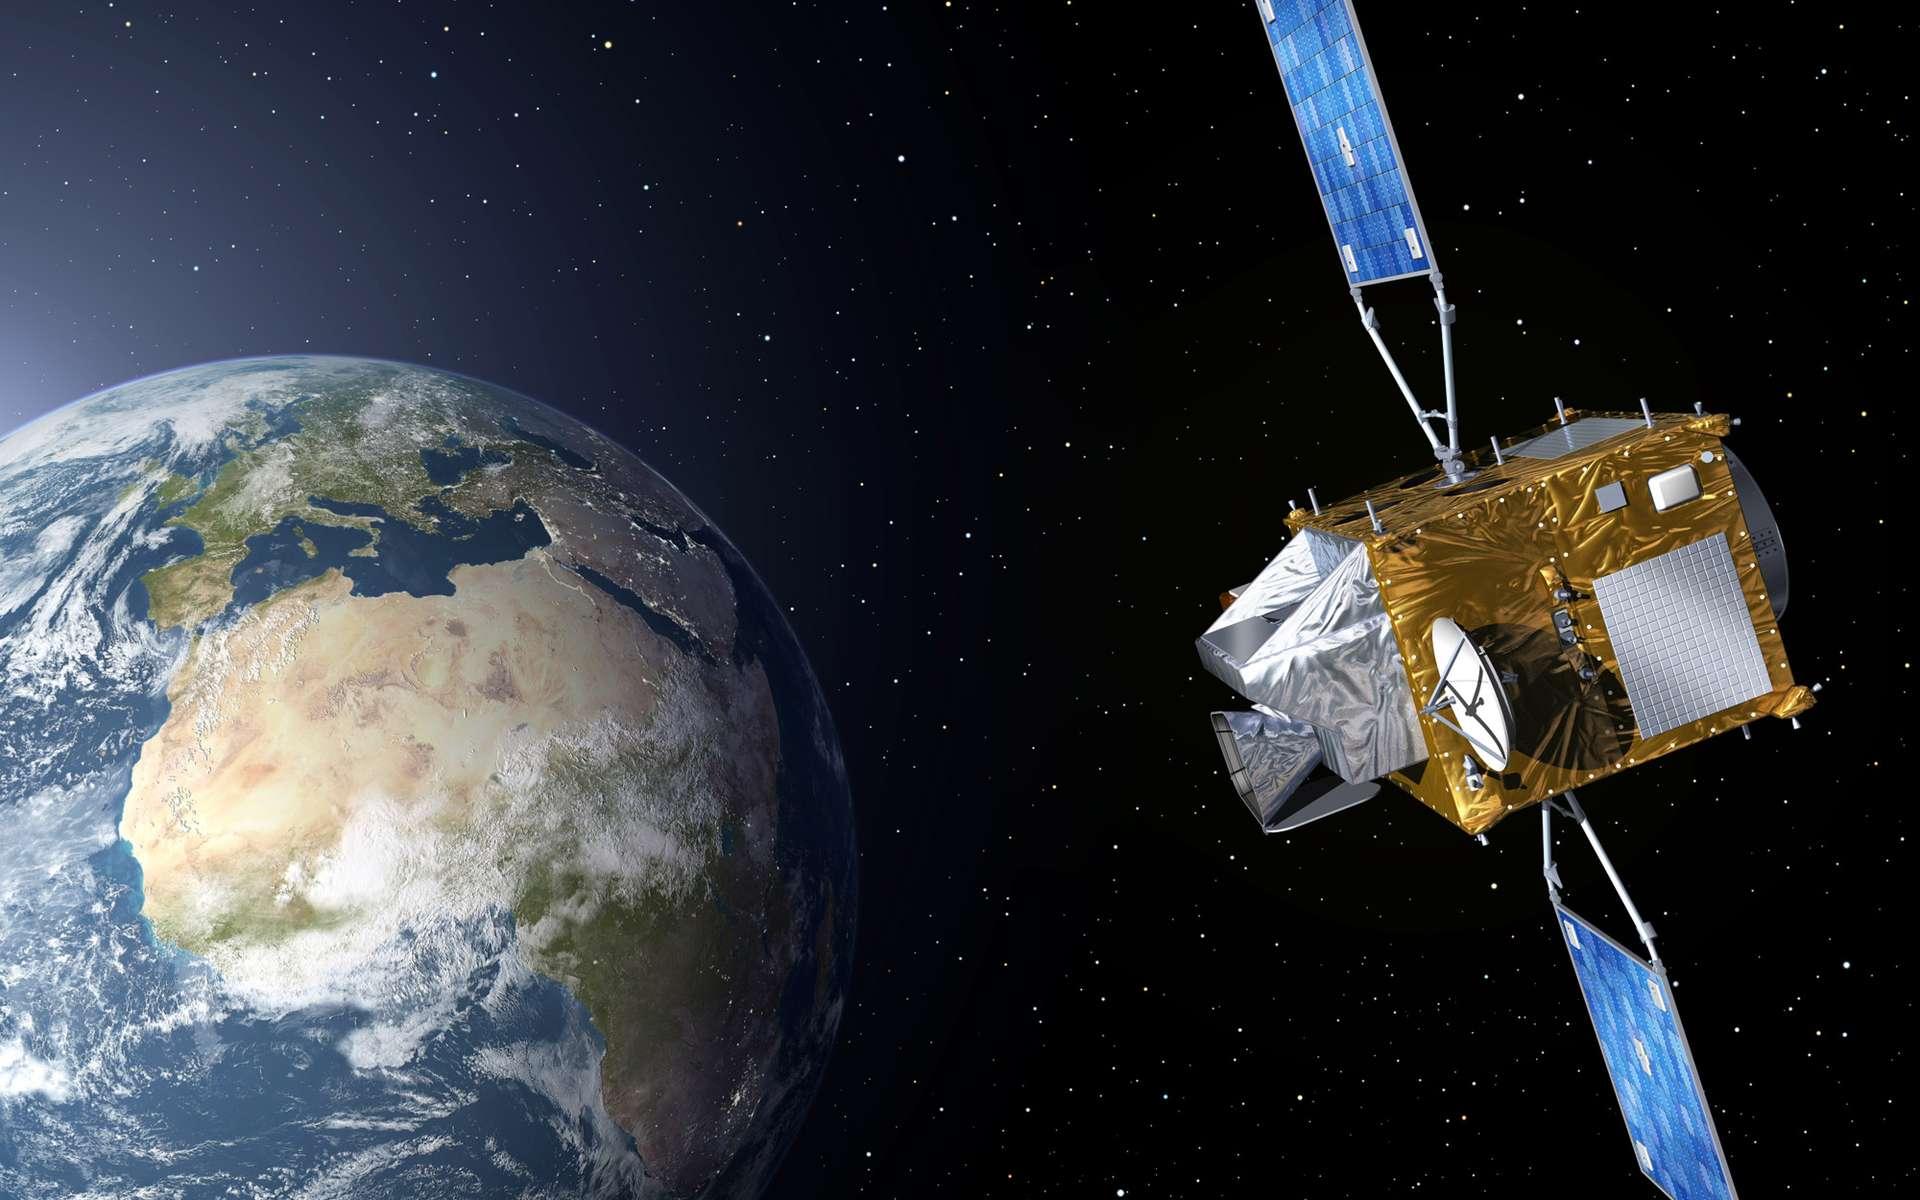 Avec GMES, l'Union européenne et l'Agence spatiale européenne visent à doter l'Europe d'un système autonome et opérationnel d'information capable d'observer la Terre à toutes les échelles (locale, régionale, mondiale). © Esa/P. Carril